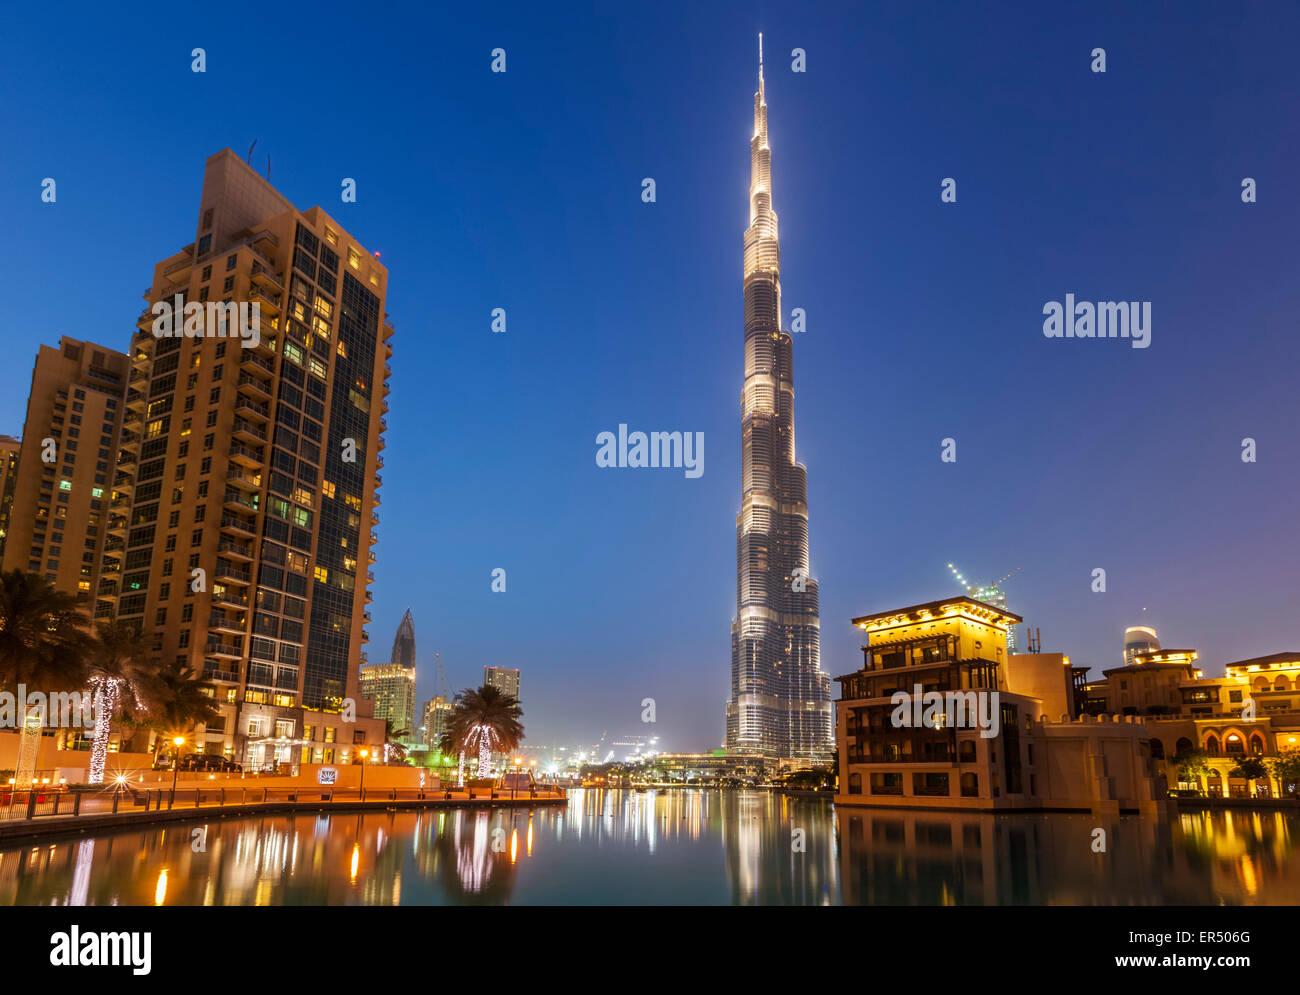 Buj Khalifa iluminado en la noche, la ciudad de Dubai, Emiratos Árabes Unidos, EAU, Oriente Medio Imagen De Stock